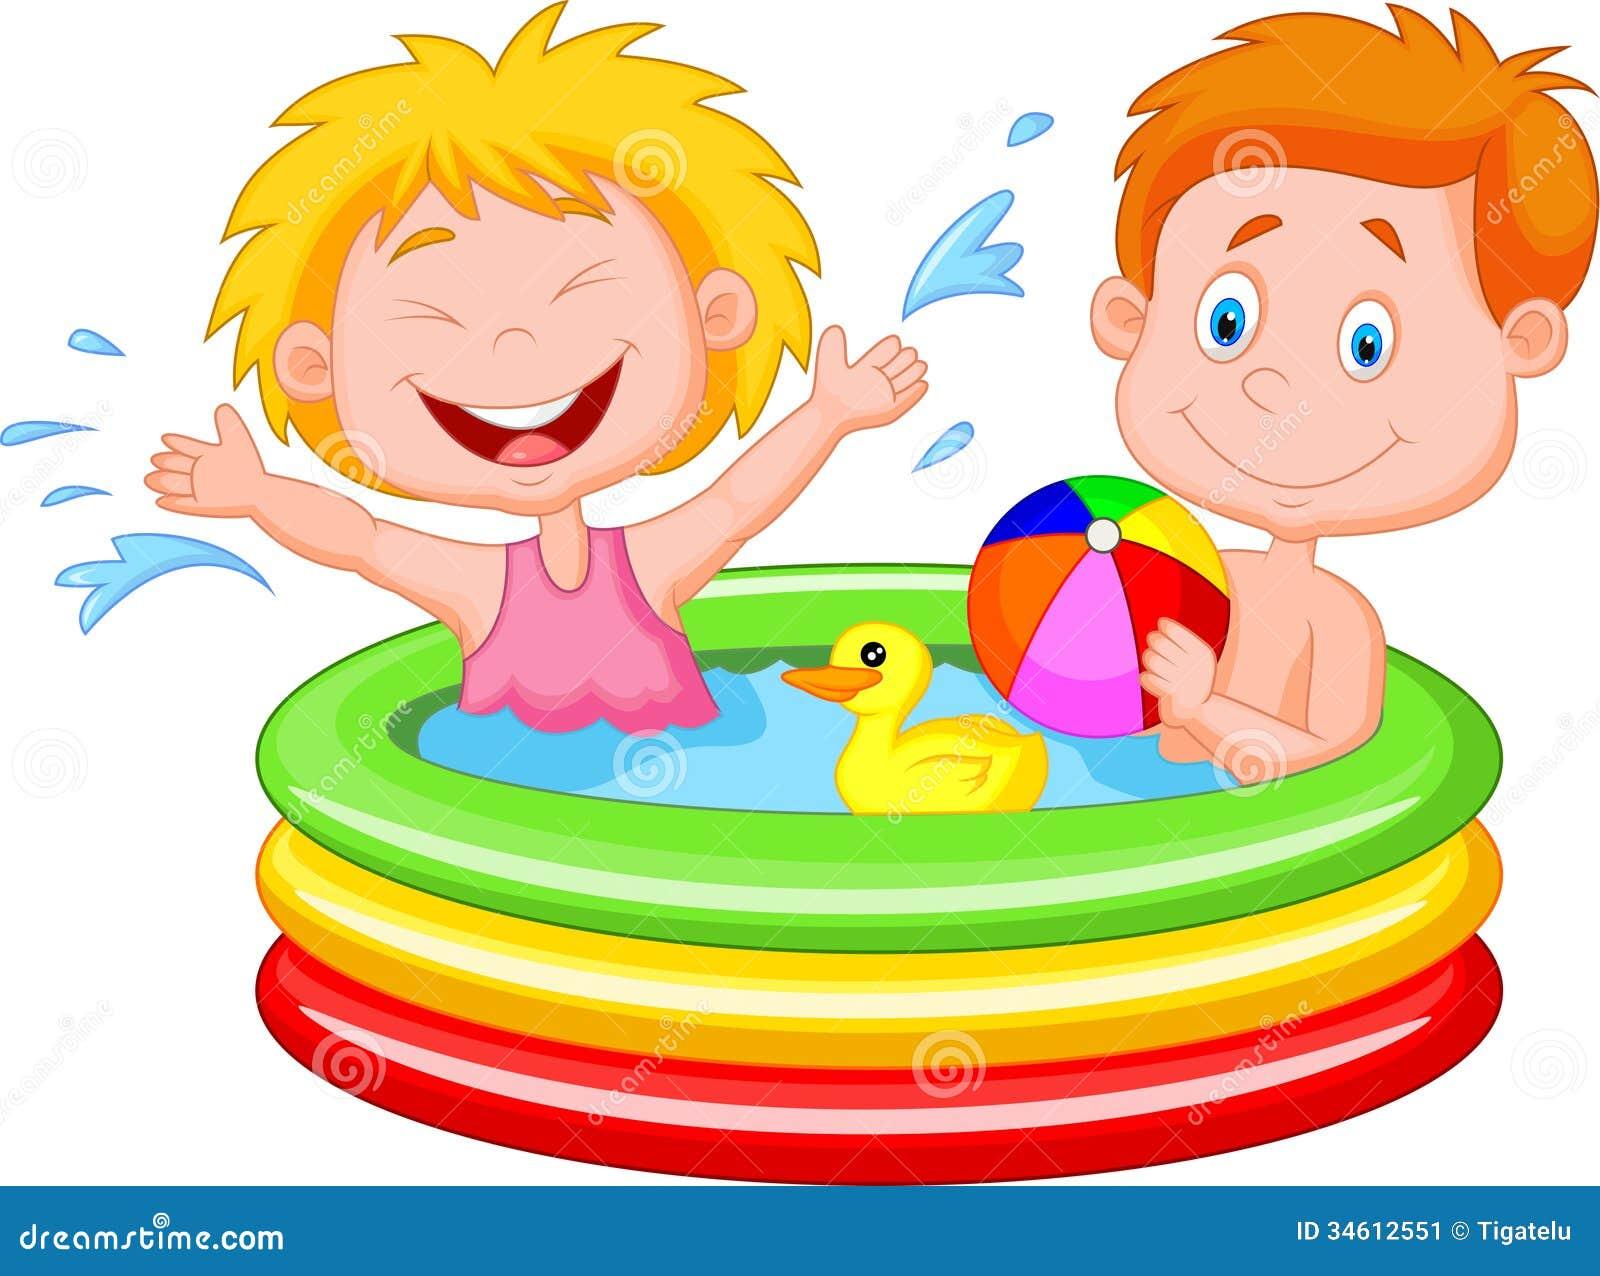 Karikatur Kinder Die In Einem Aufblasbaren Pool Spielen